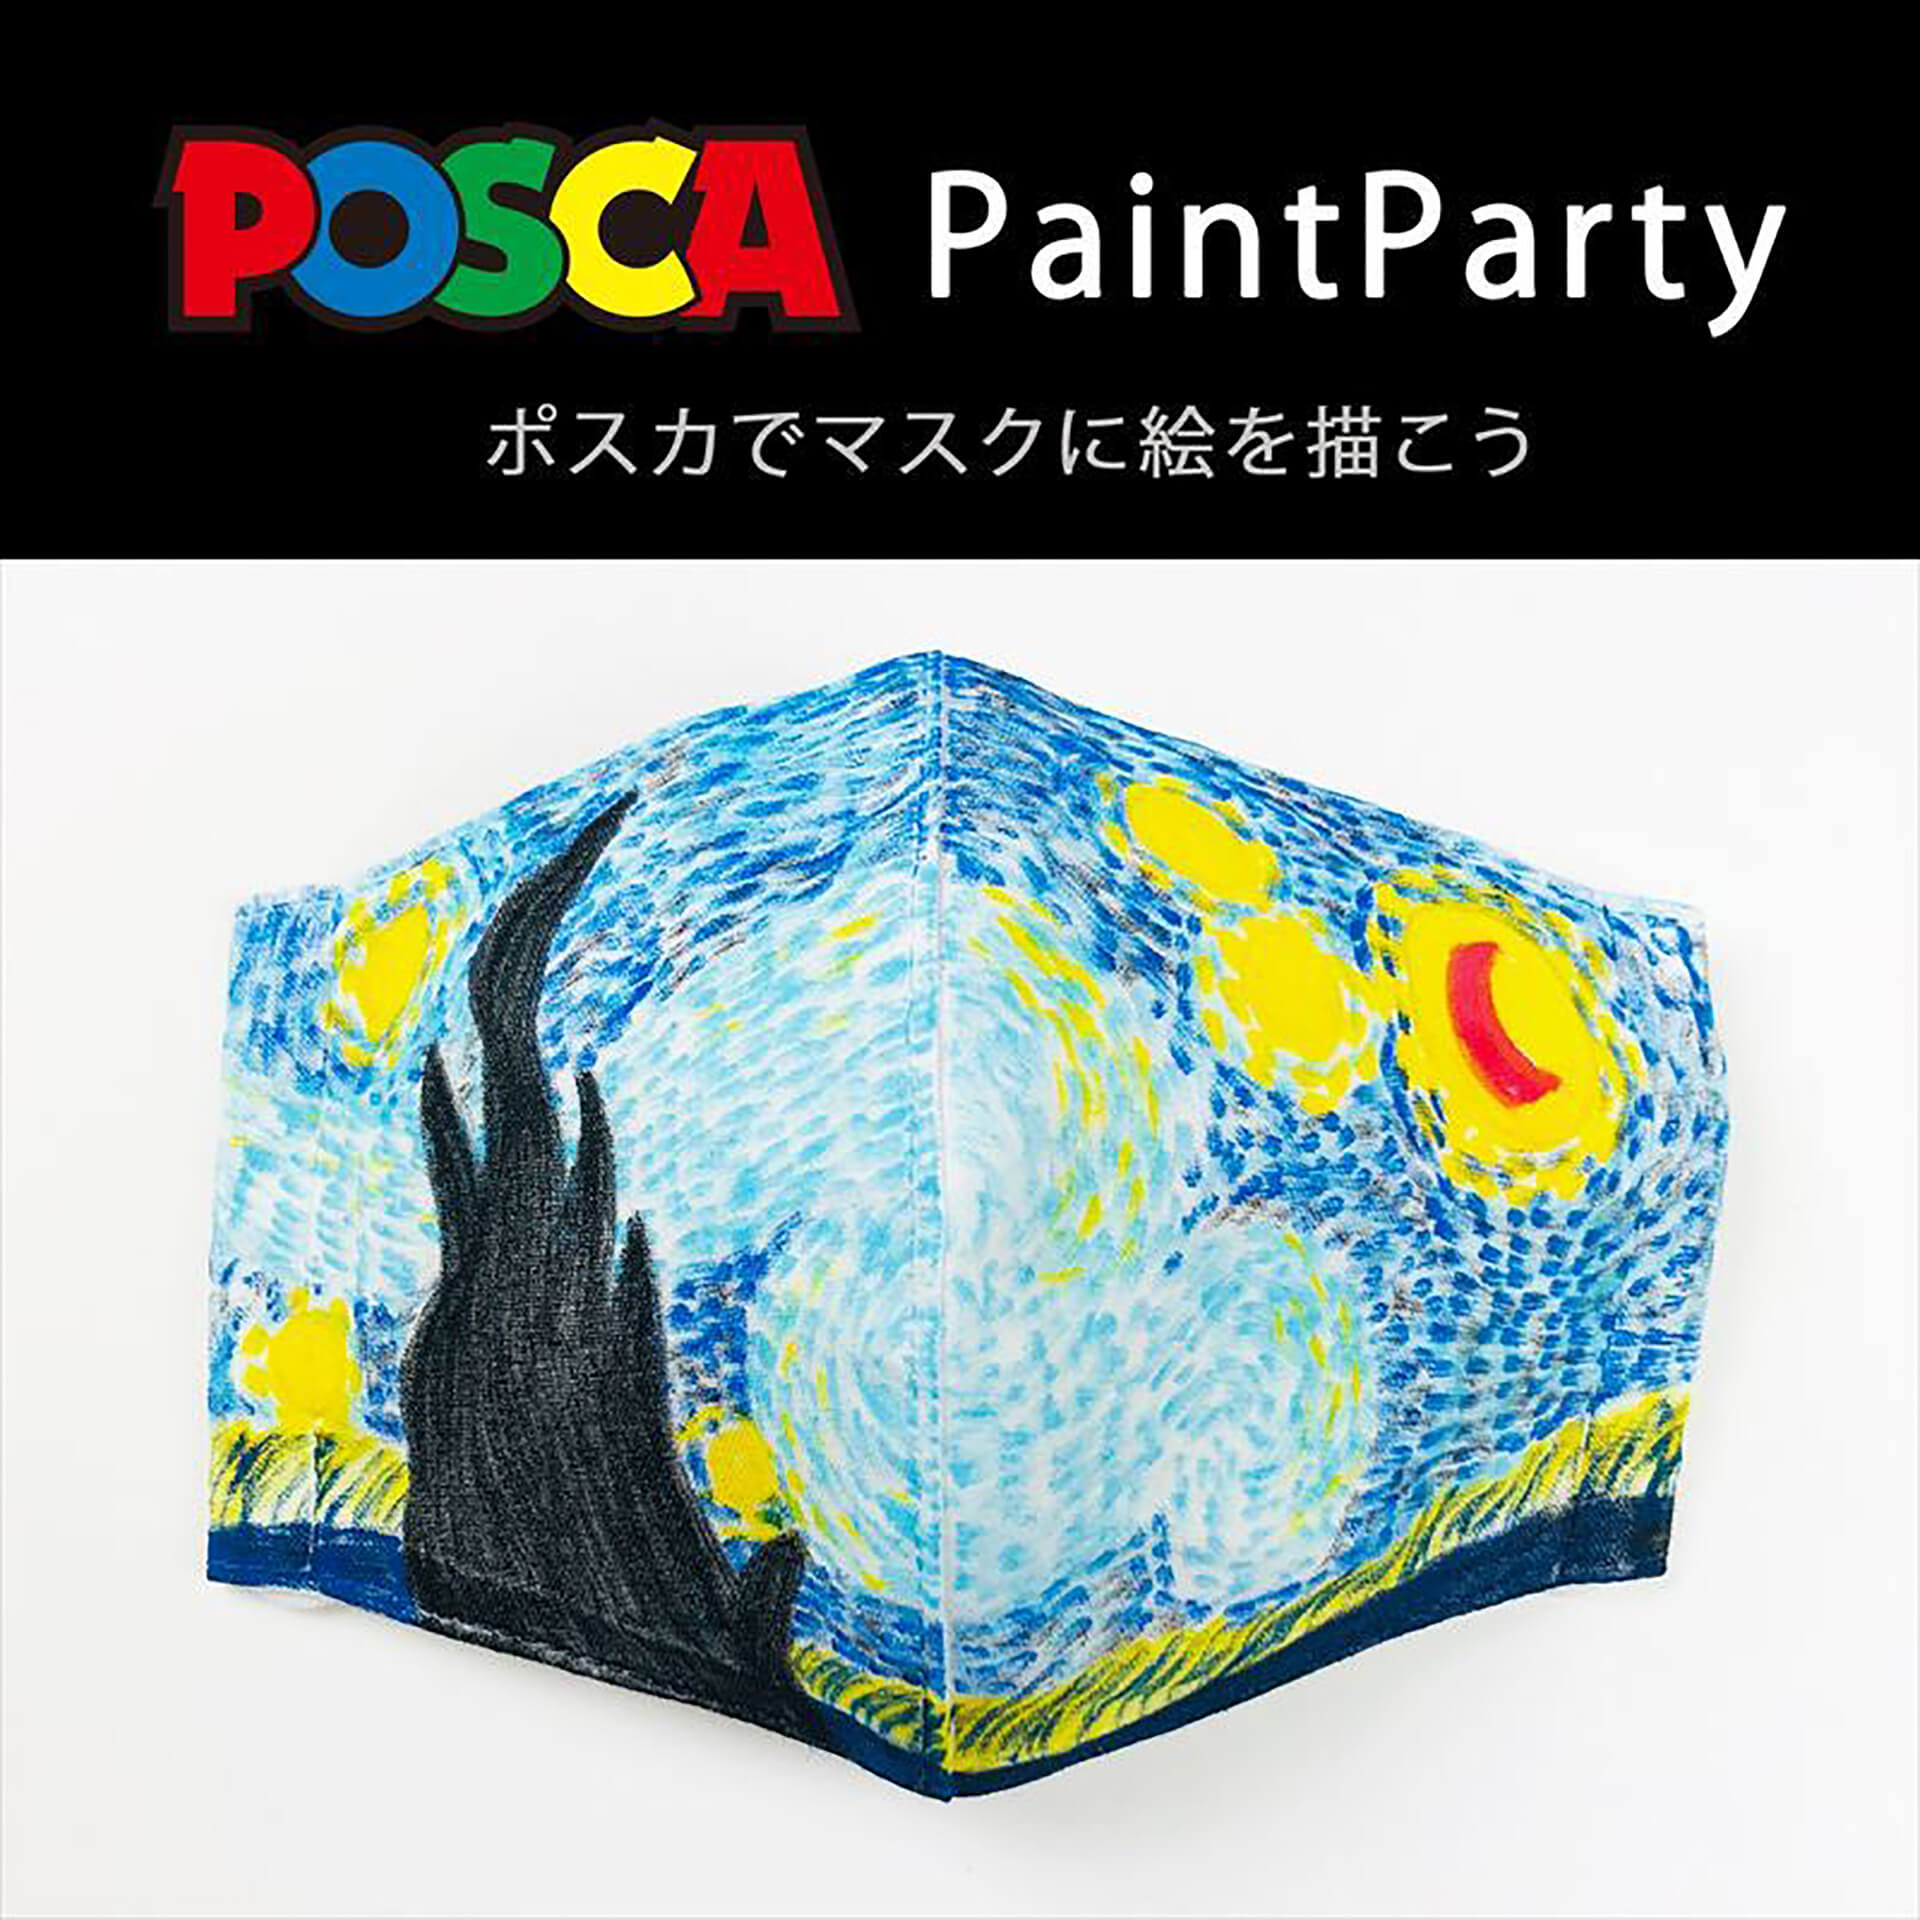 POSCAペイントパーティー